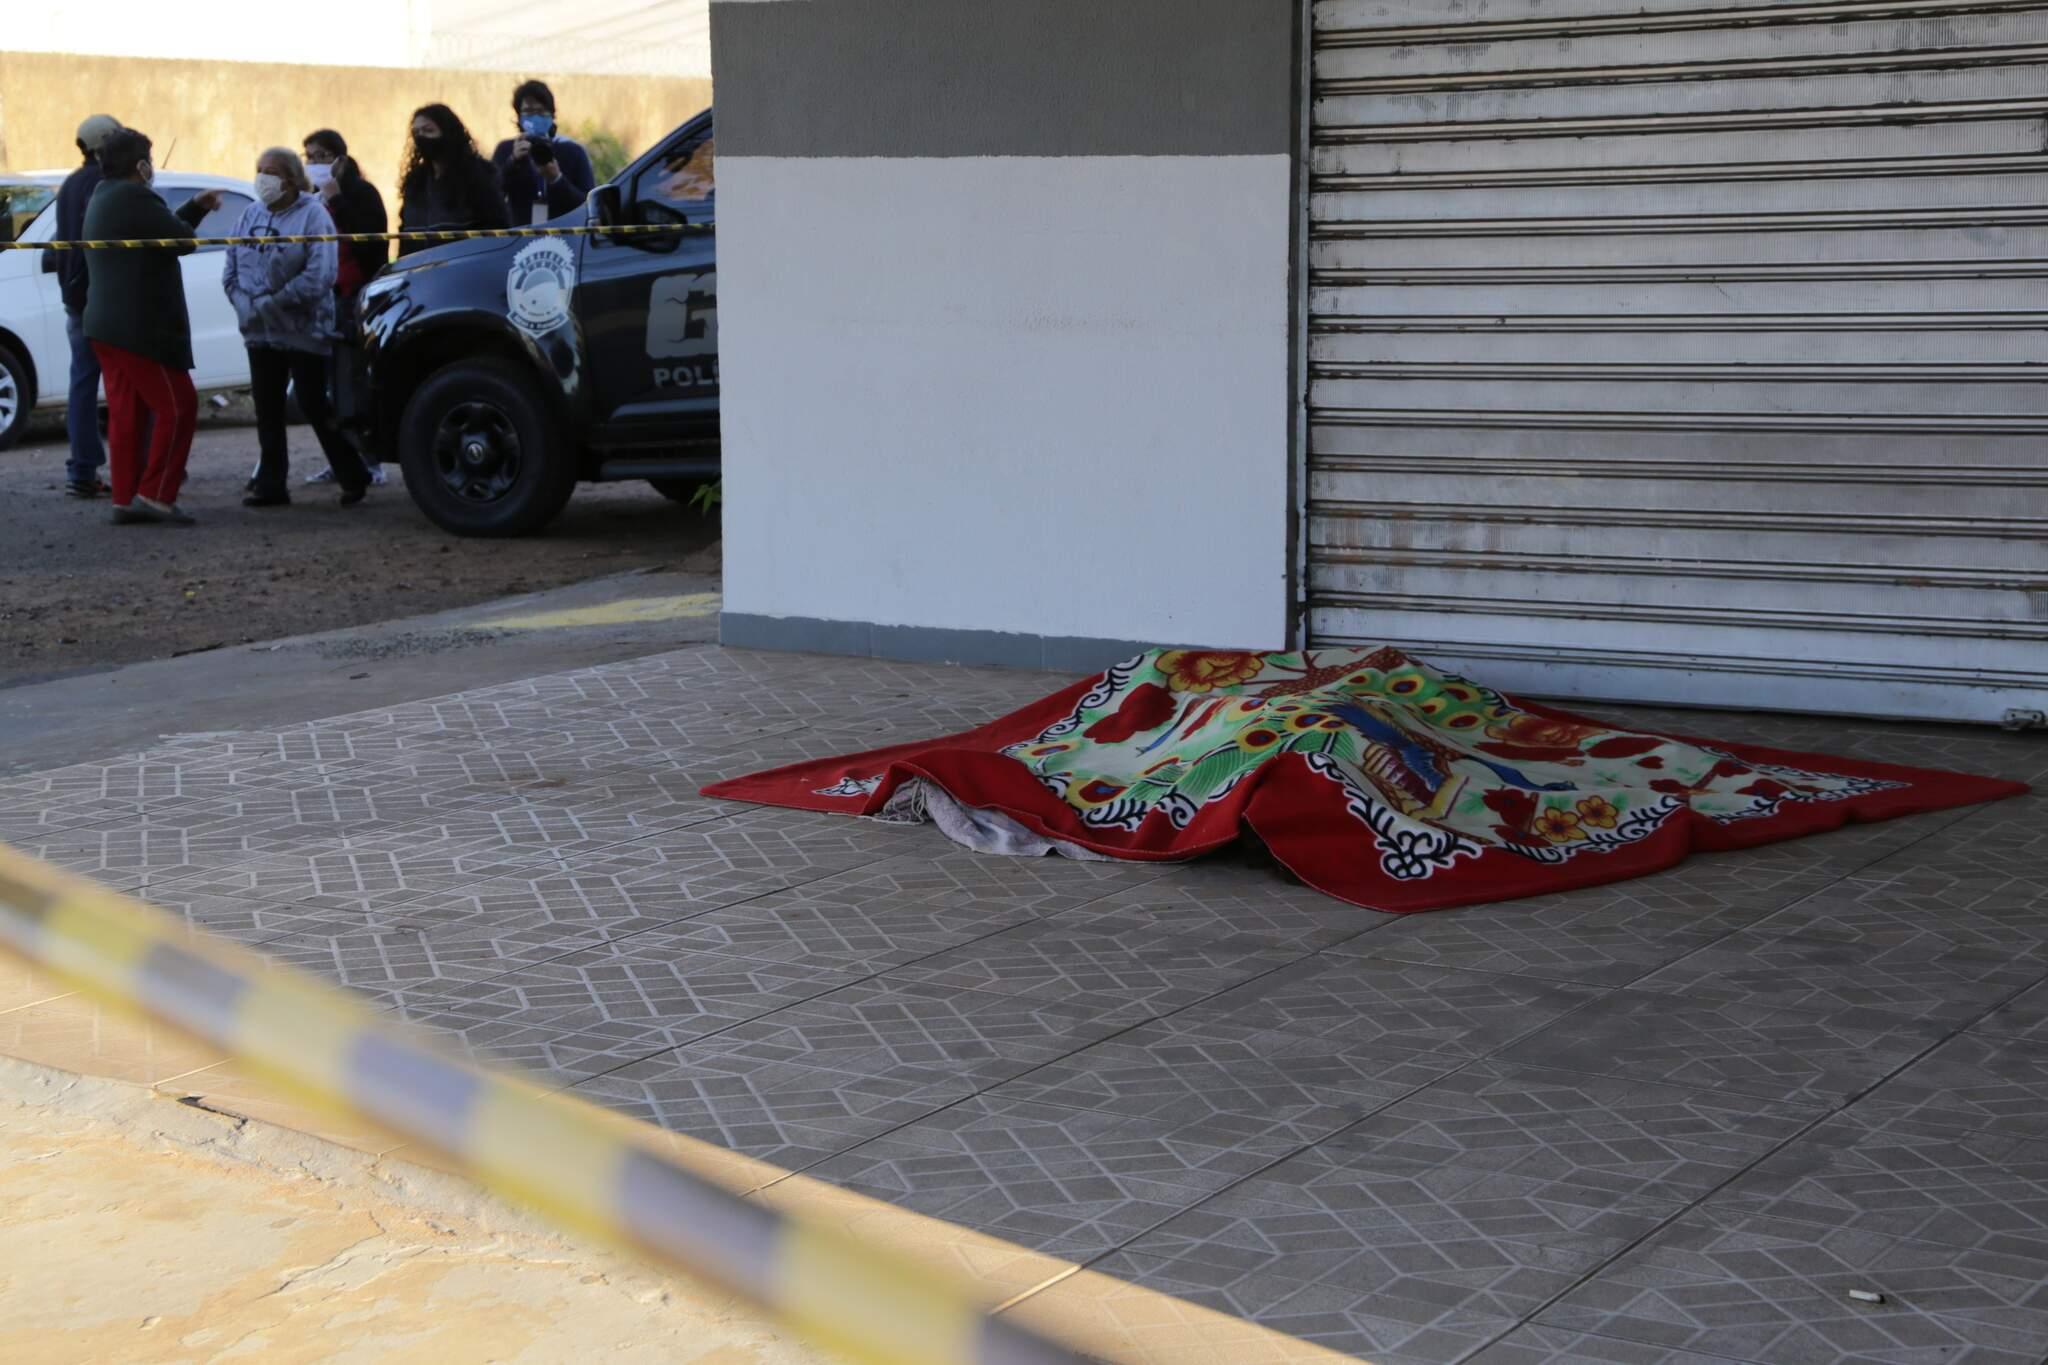 Cadáver de Carla foi deixado em calçada de bar no Bairro Tiradentes. (Foto: Kísie Ainoã)